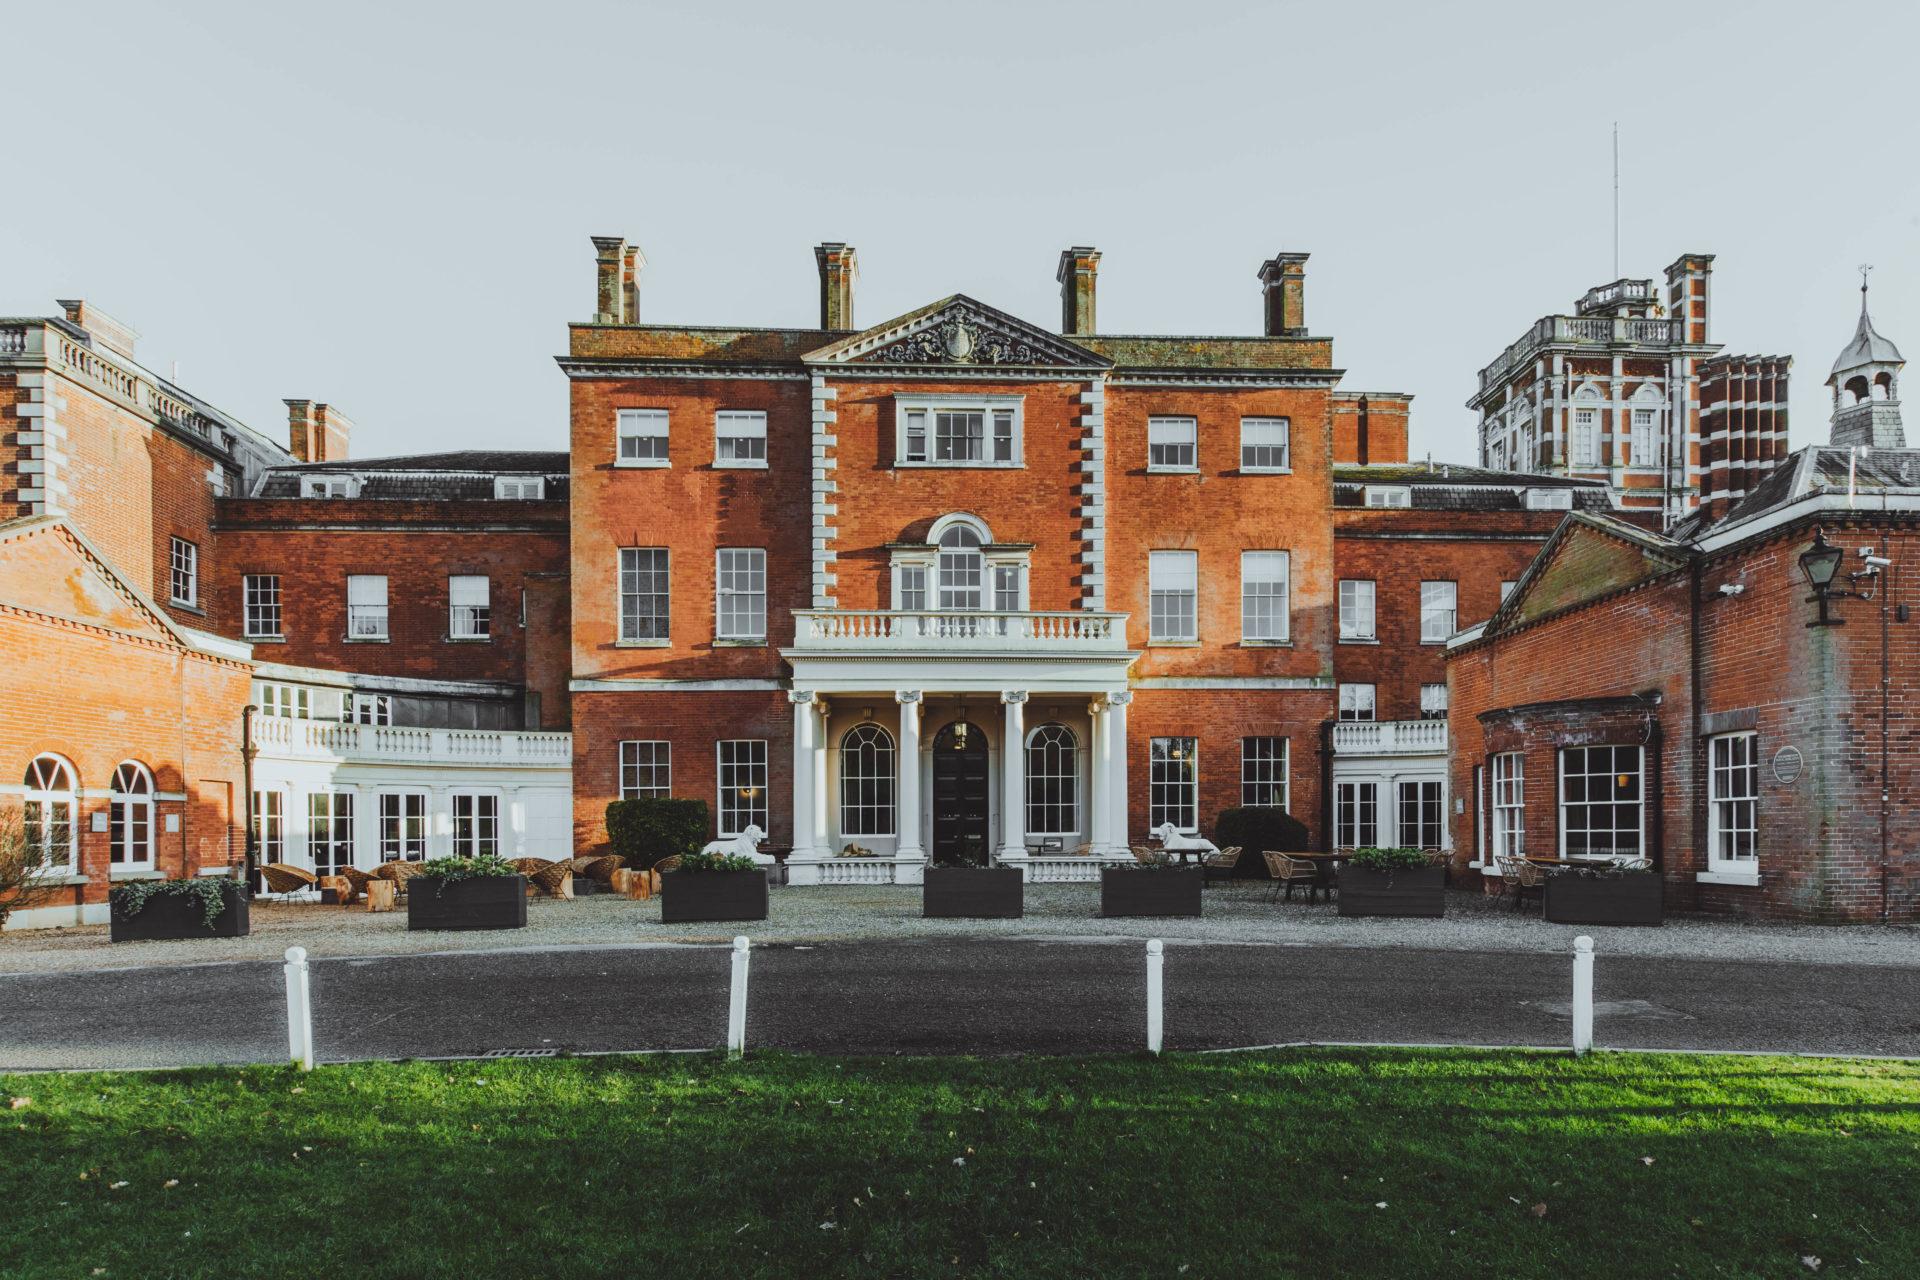 01_ (C) Birch l Exterior Mansion House 2020 jpg